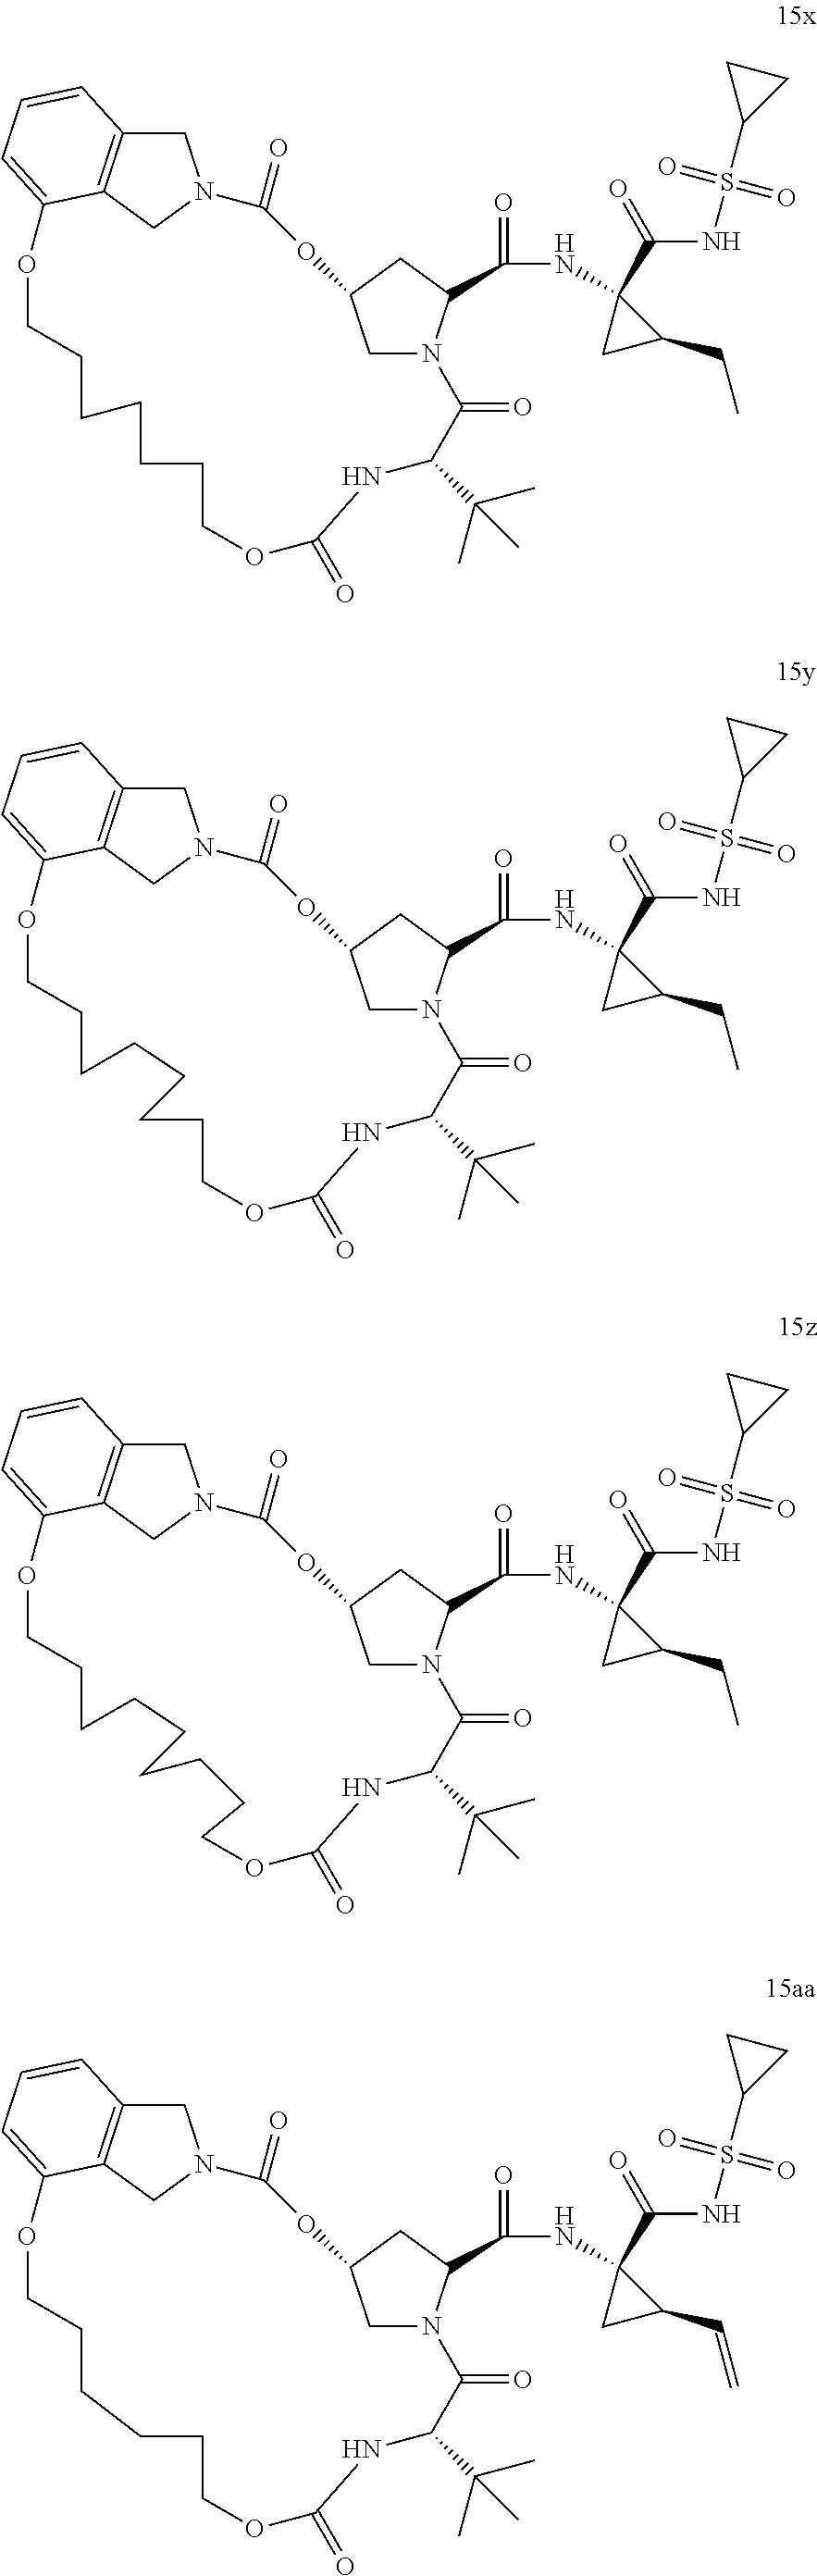 Figure US08962810-20150224-C00160